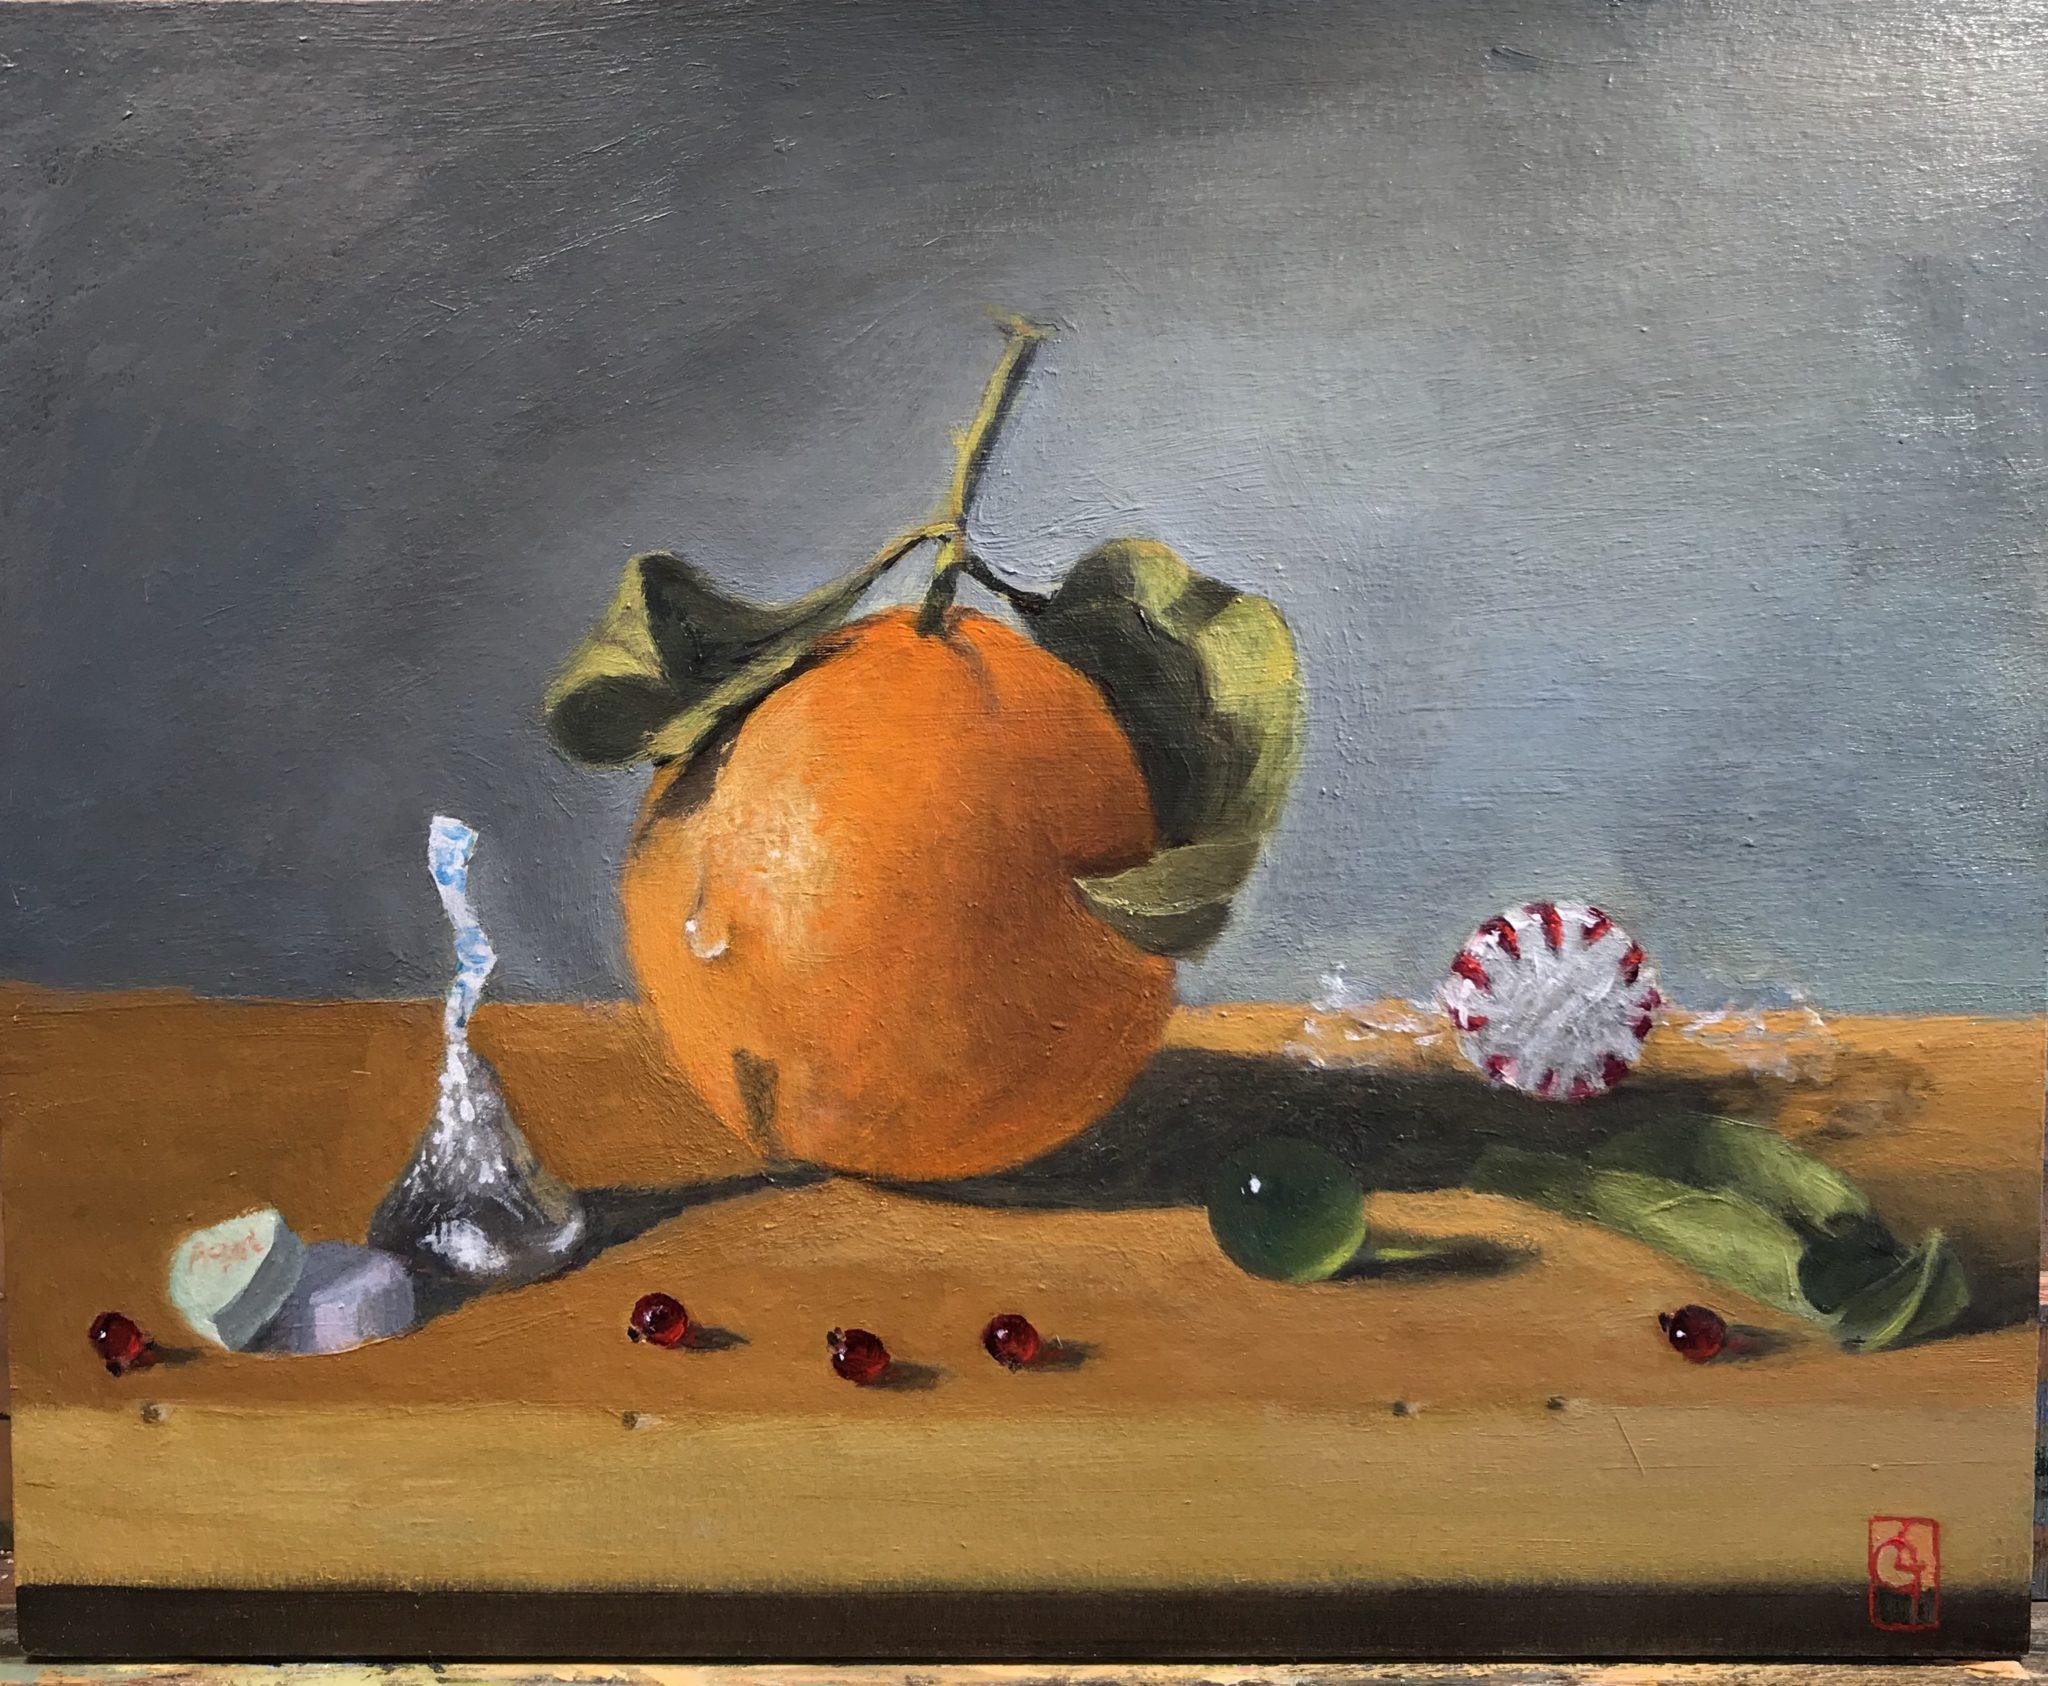 Gabosh, Leslie 2 - Candied Orange